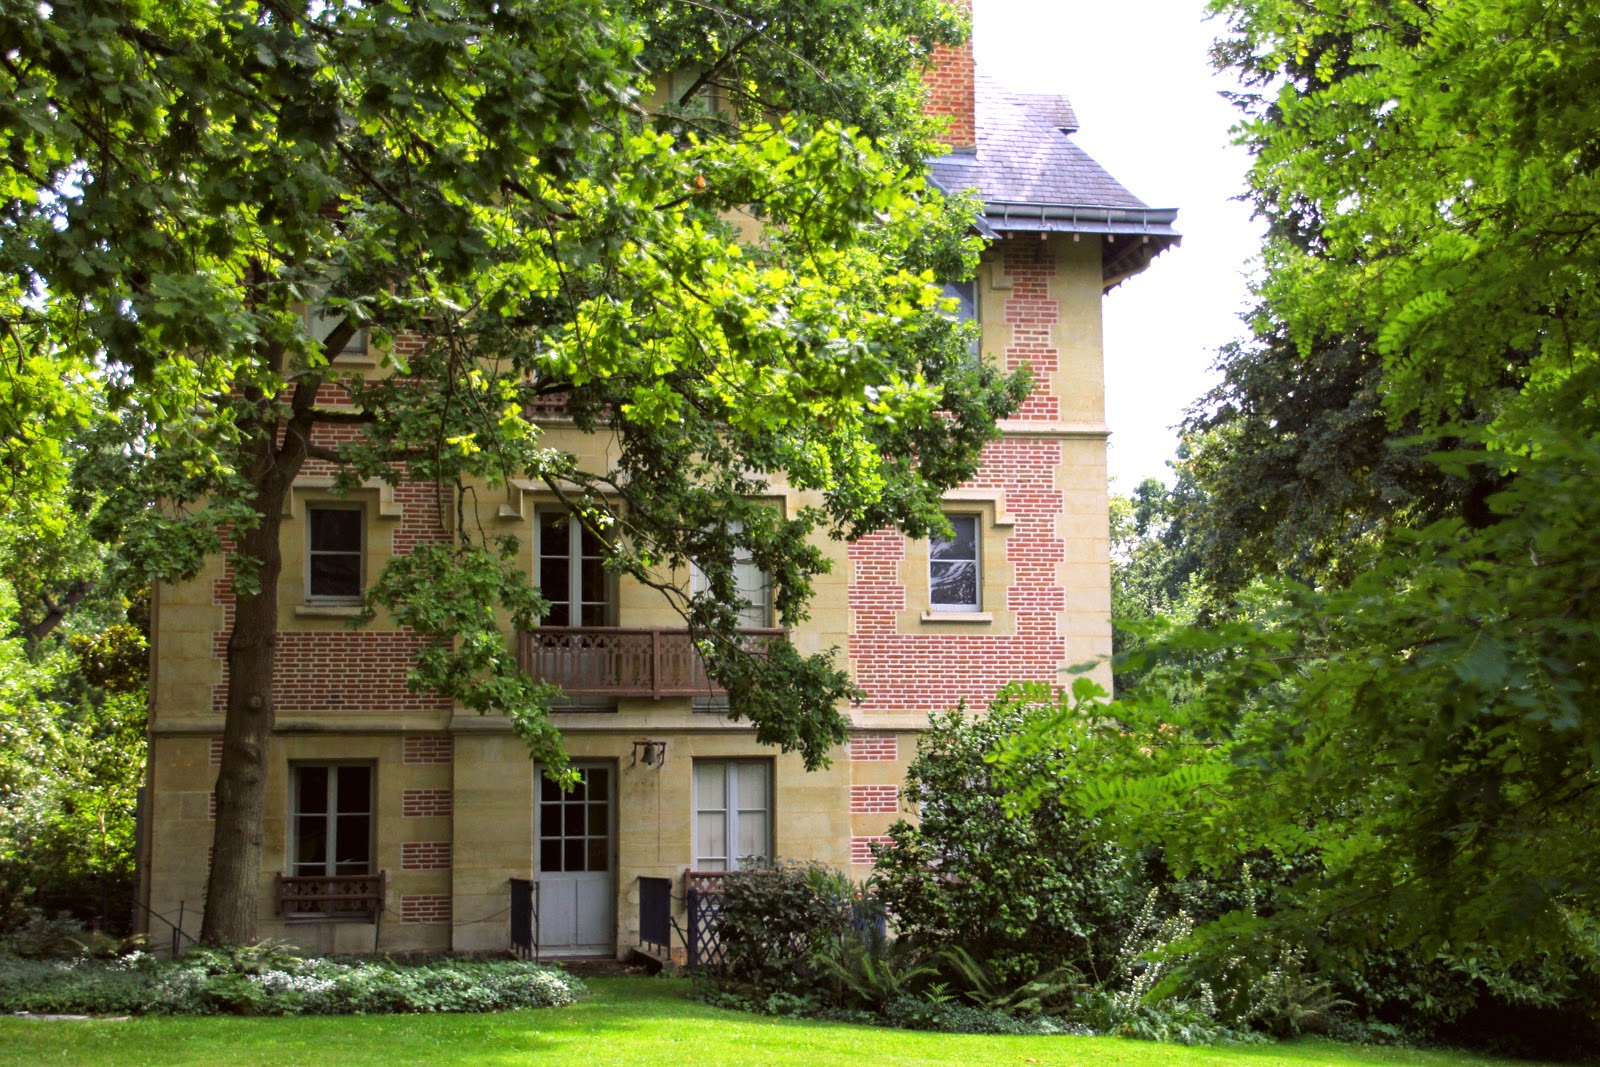 maison chateaubriand parc hauts de seine tourisme balade